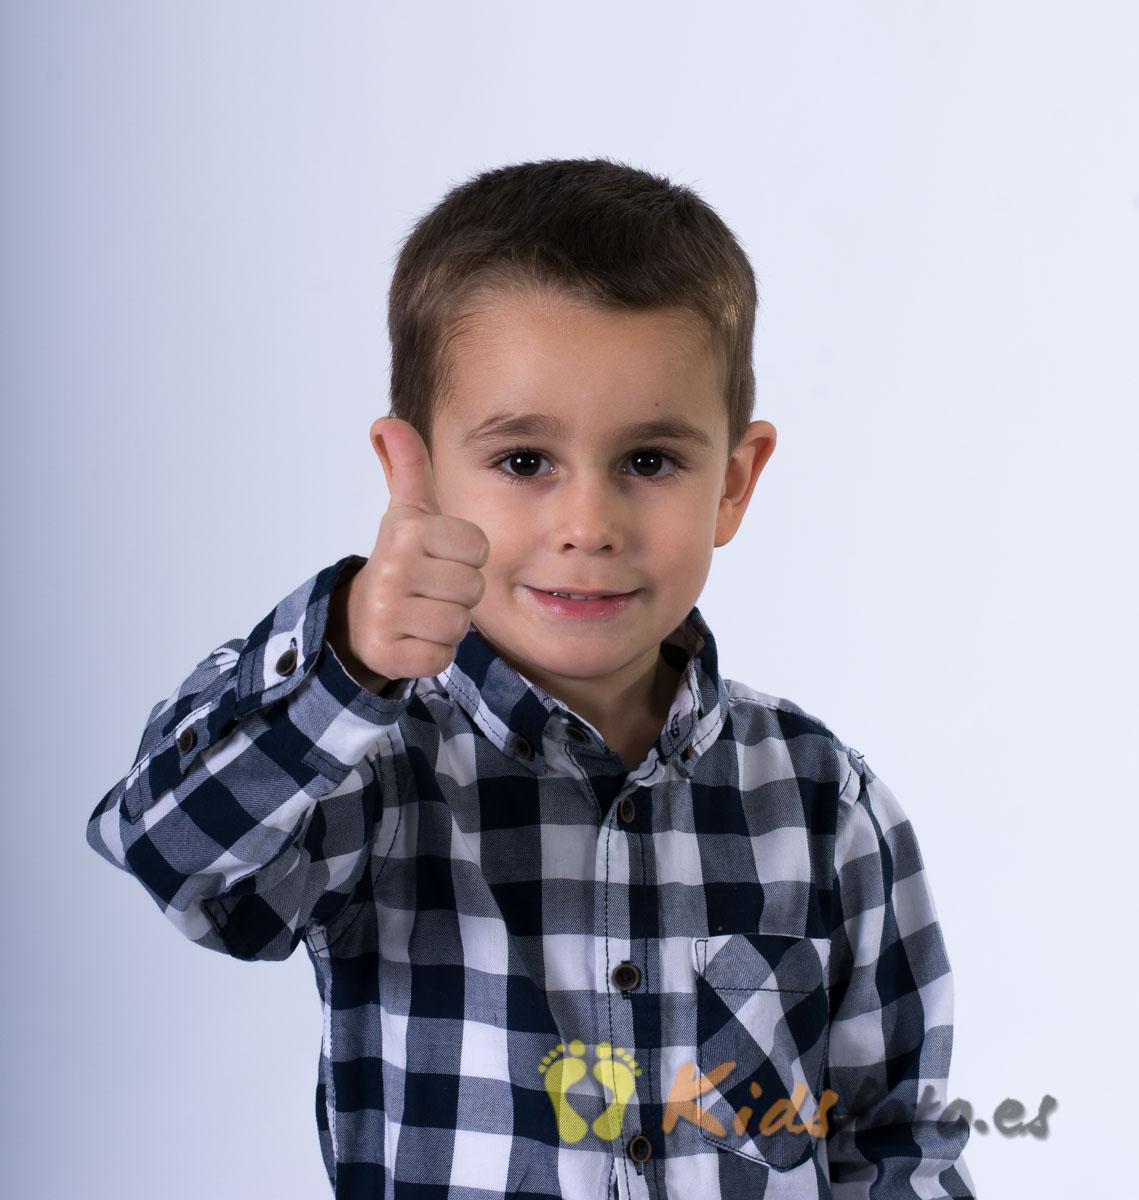 kidsfoto.es Sesión fotográfica de niños en estudio.-Fotografía Infantil.